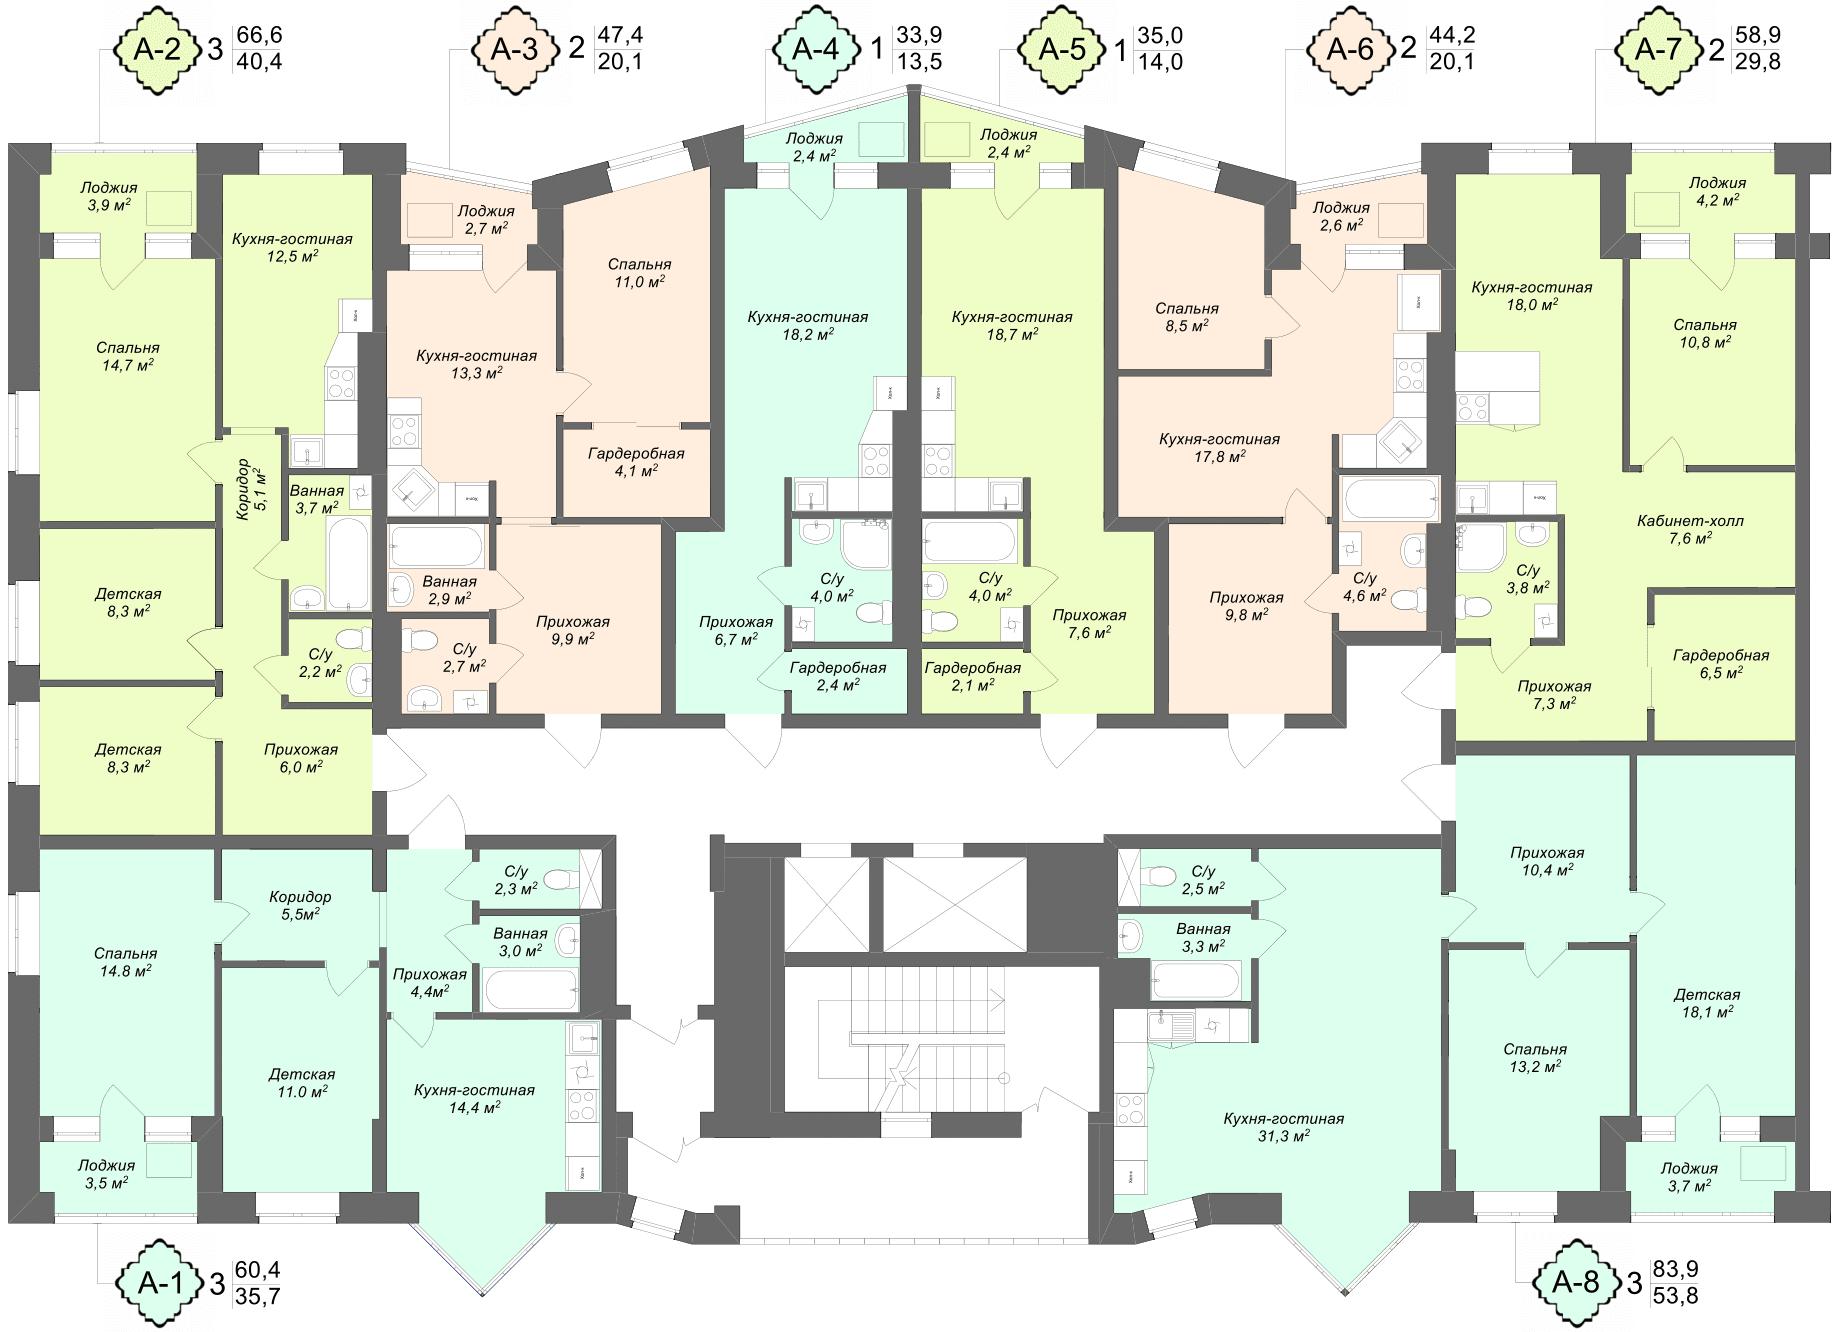 ДЛЯ УВЕЛИЧЕНИЯ НАЖМИТЕ НА СХЕМУ - Купить квартиру от Застройщика в новостройке в Твери 1 комнатную 2 х комнатную 3 х комнатную